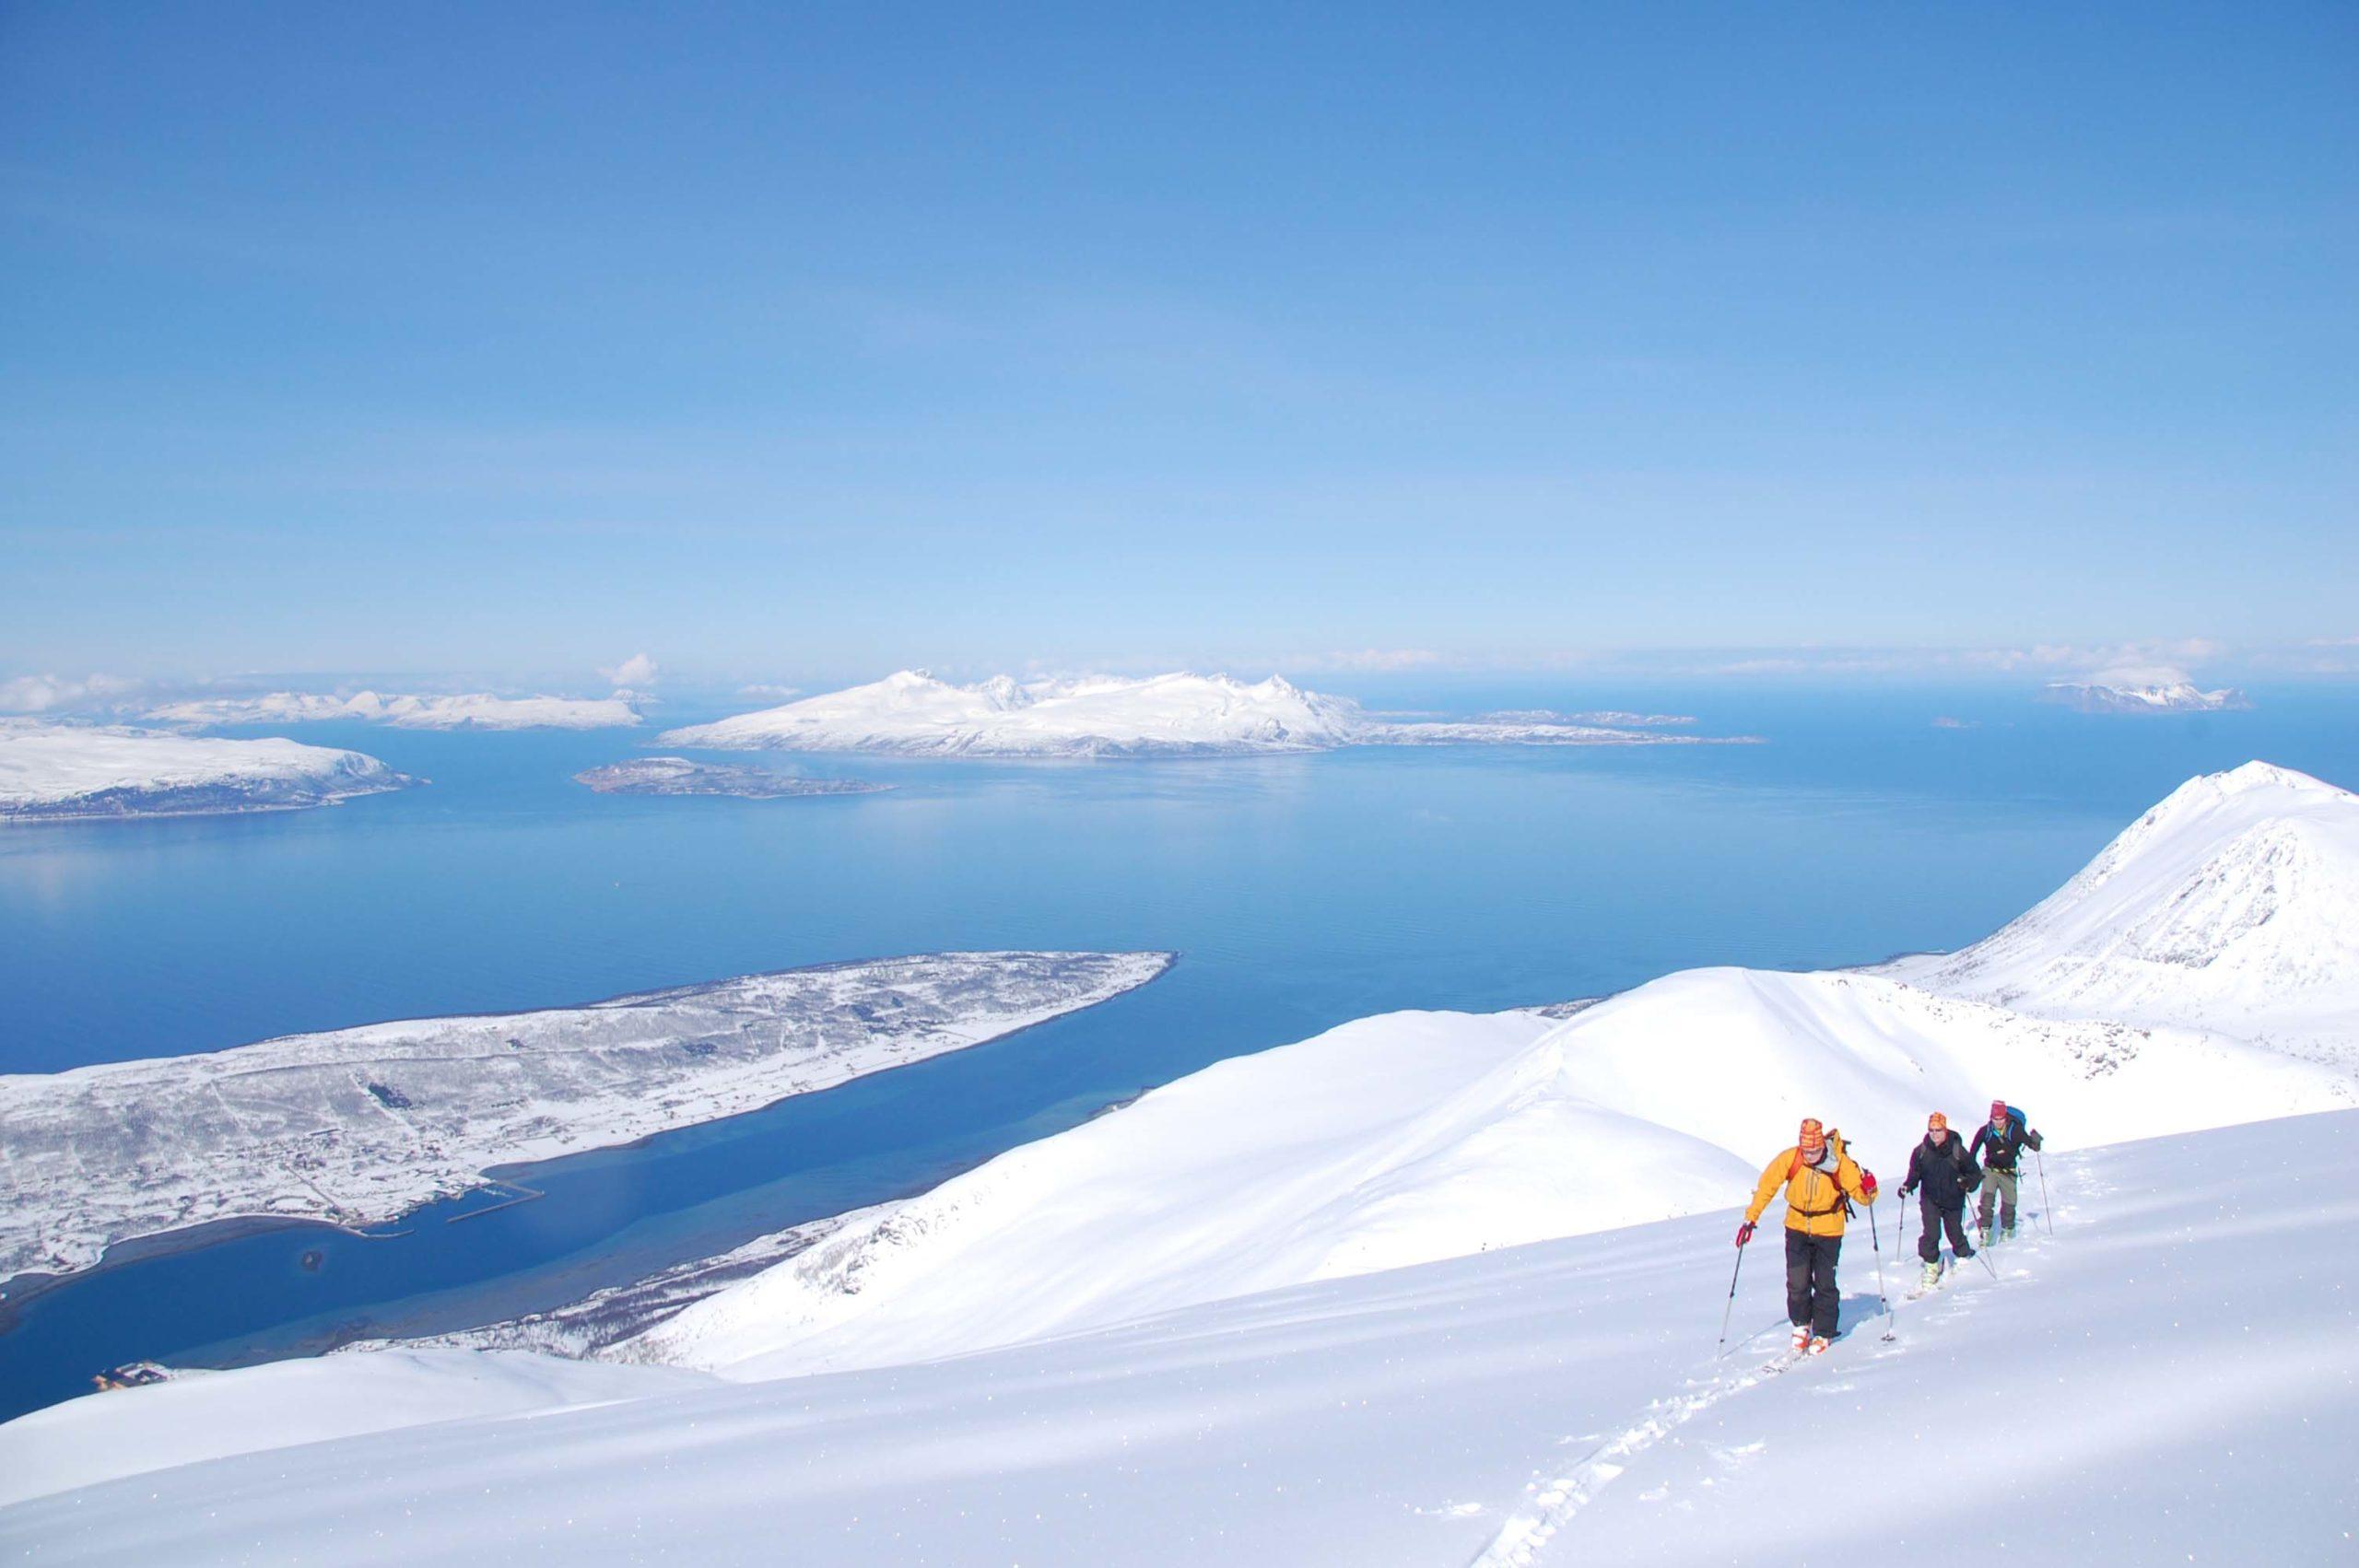 Du skal ha et langt liv i fjellet for å oppleve alle skimulighetene i Nord-Norge © Espen Nordahl